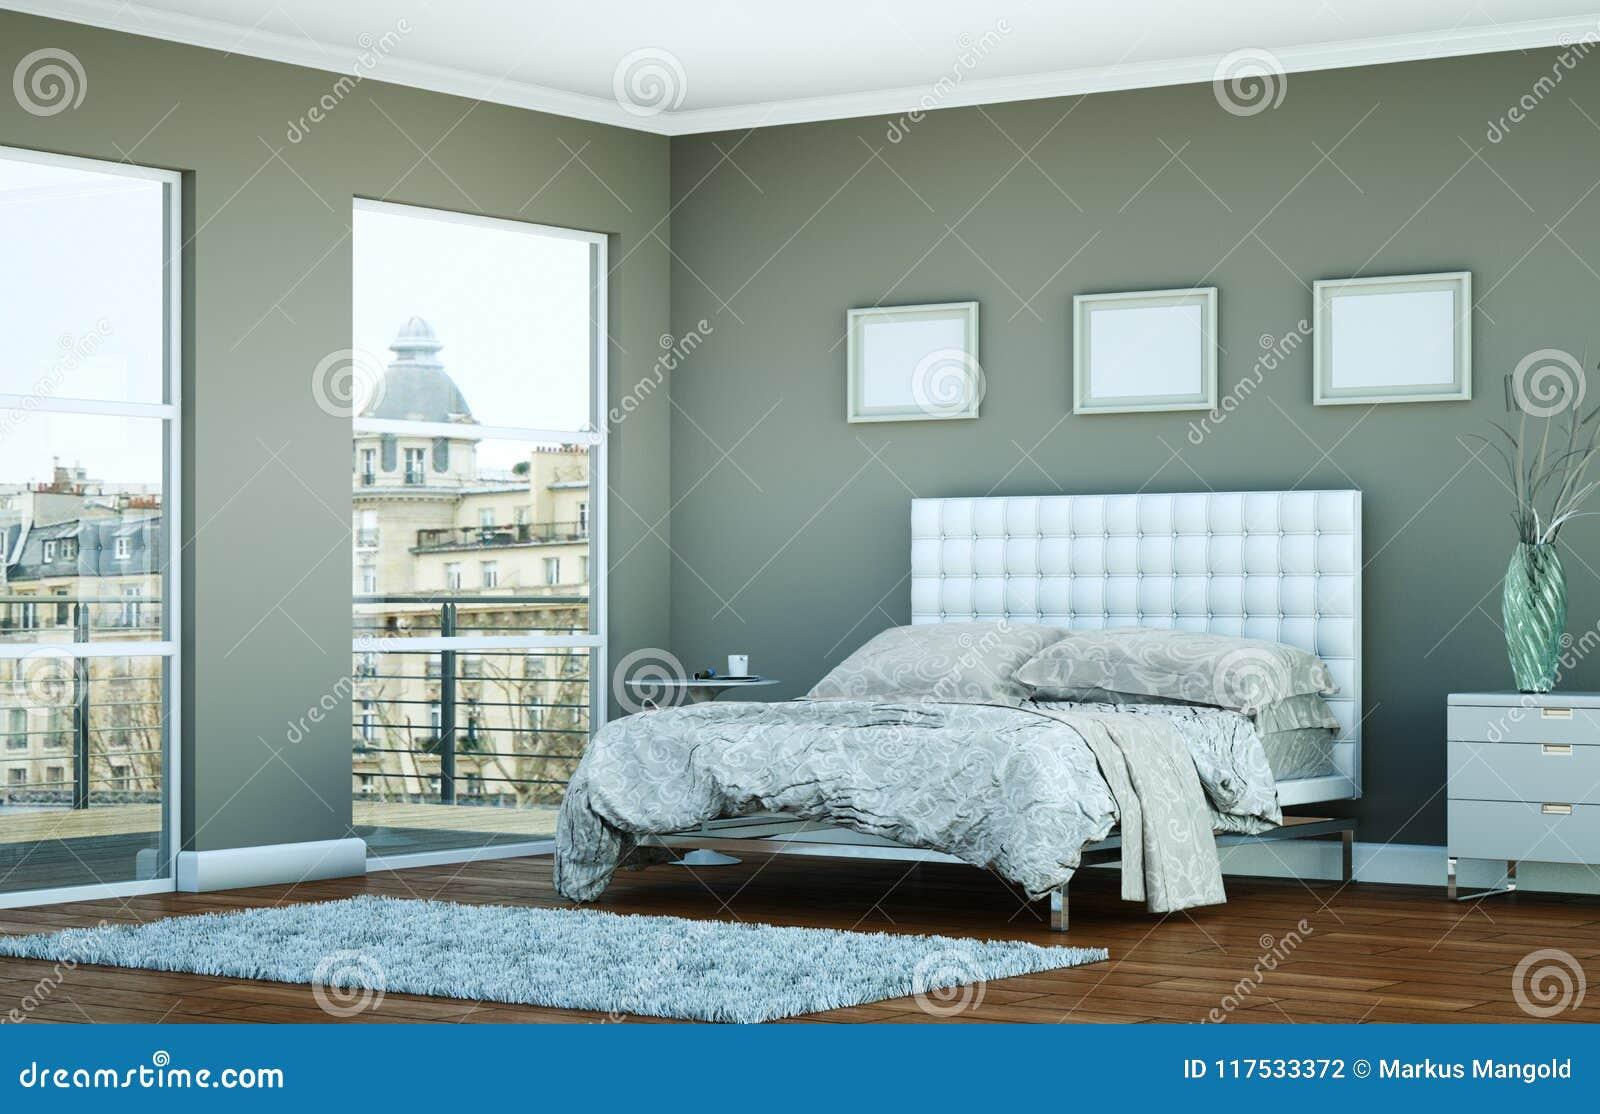 Parete Grigia Camera Da Letto camera da letto moderna con la parete grigia e decorazione